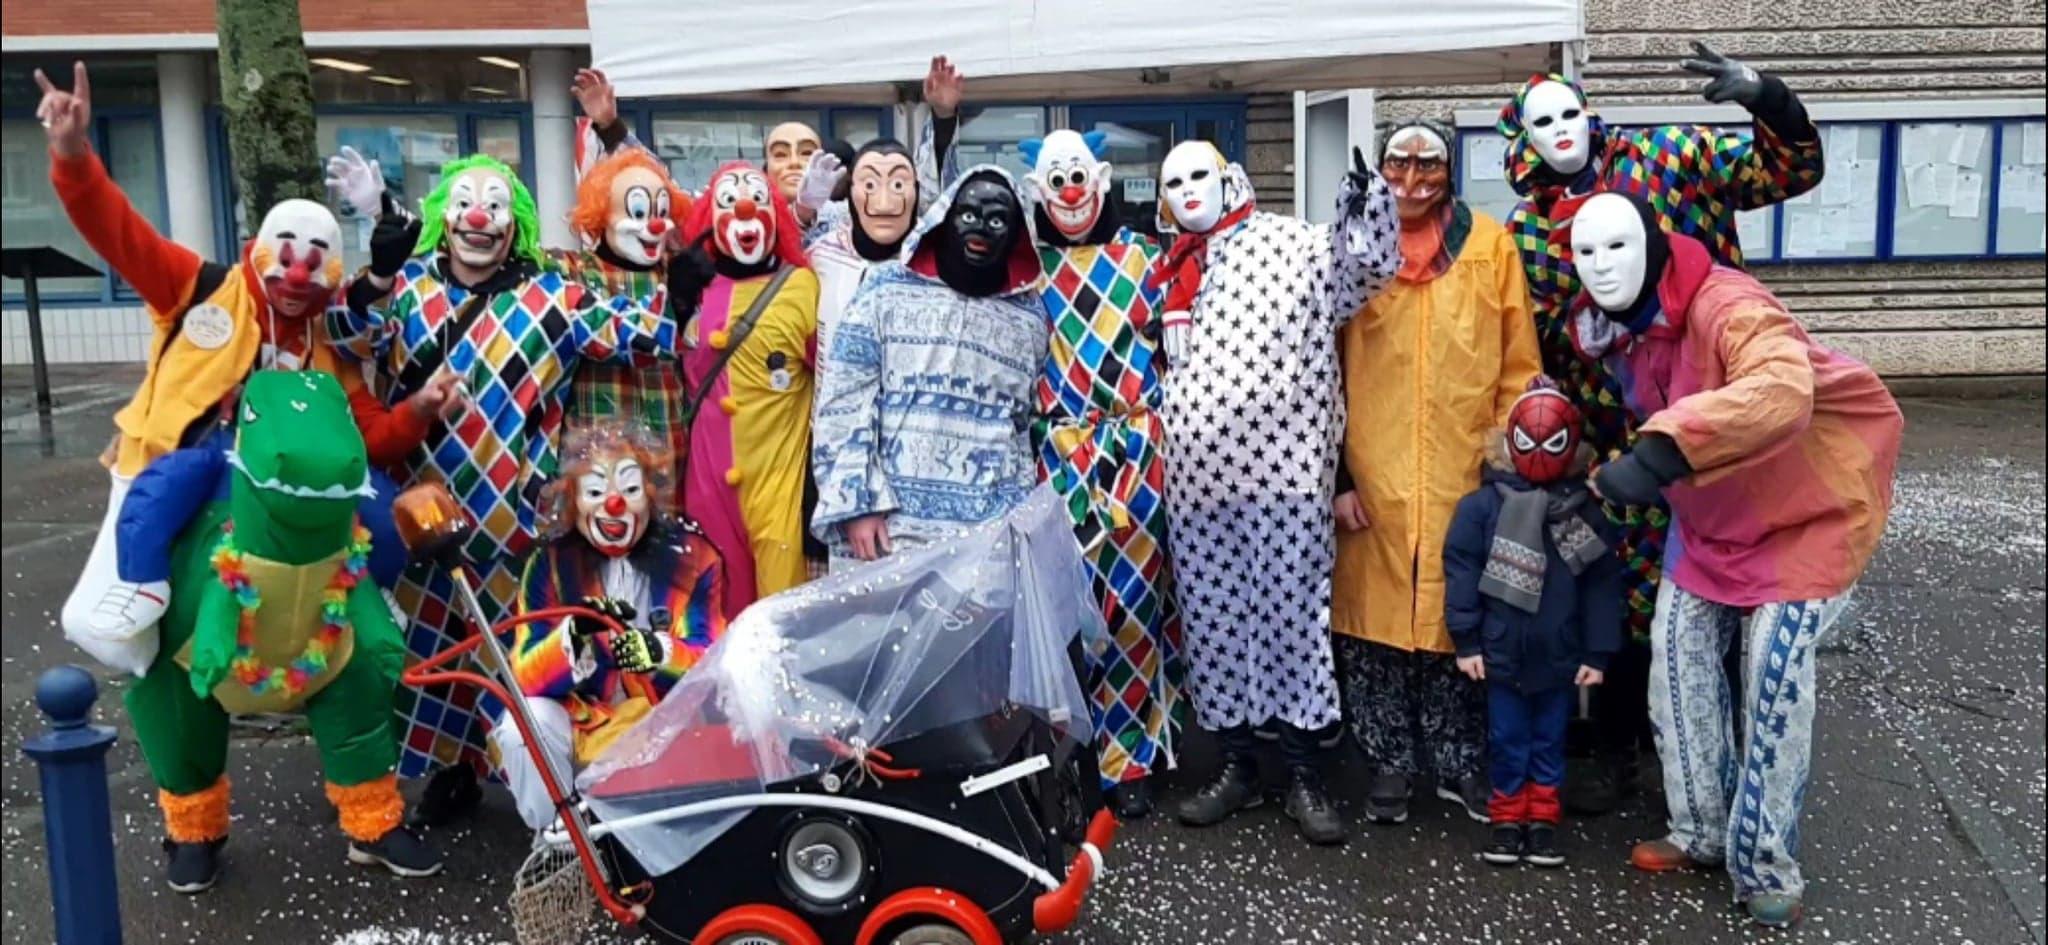 Les carnavaleux de Saint-Pô prêts pour la grande fête de Mardi Gras